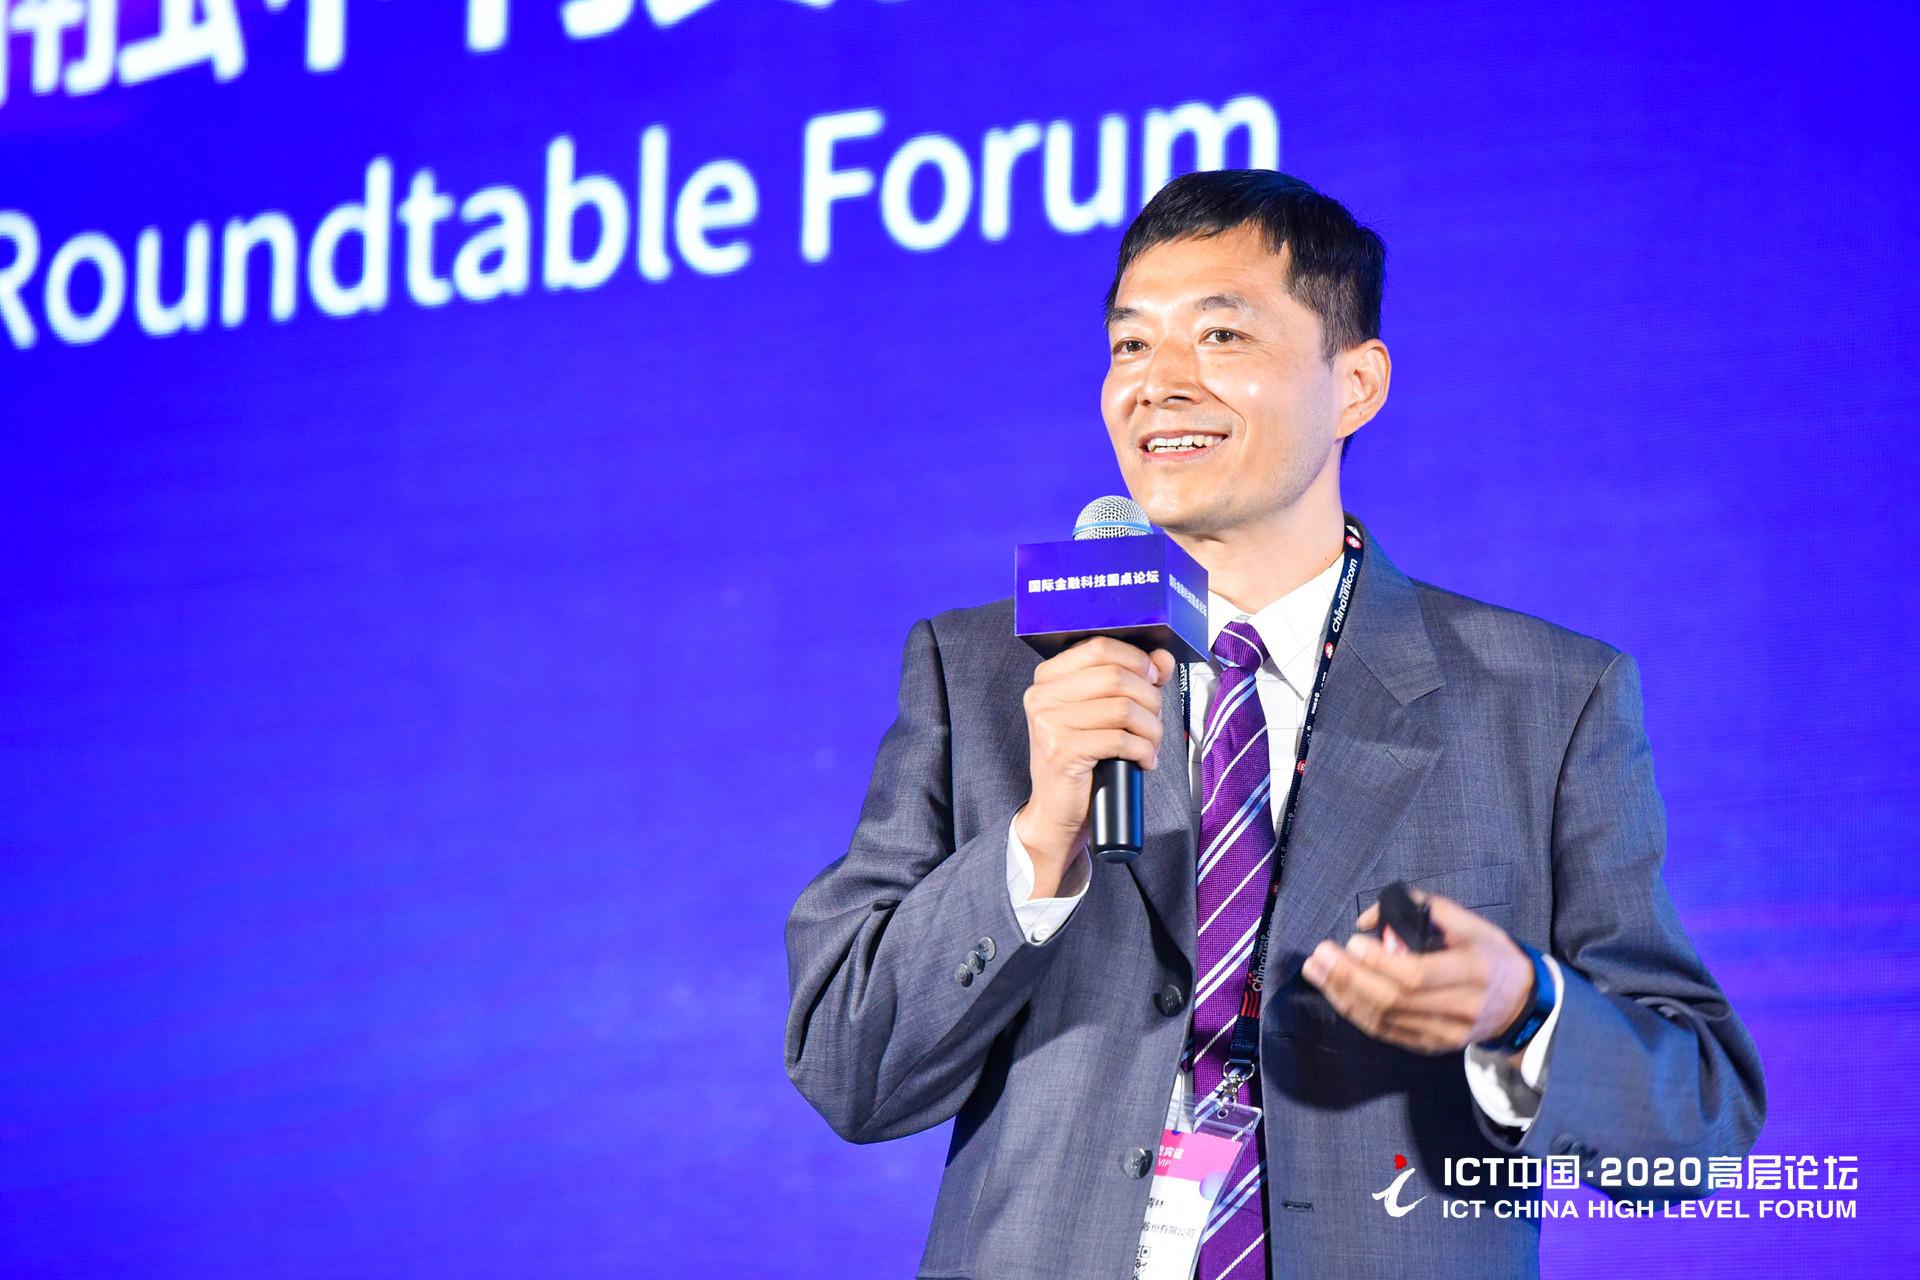 光大银行总行数字金融部总经理王青林:金融科技从三个方面推动数字金融发展